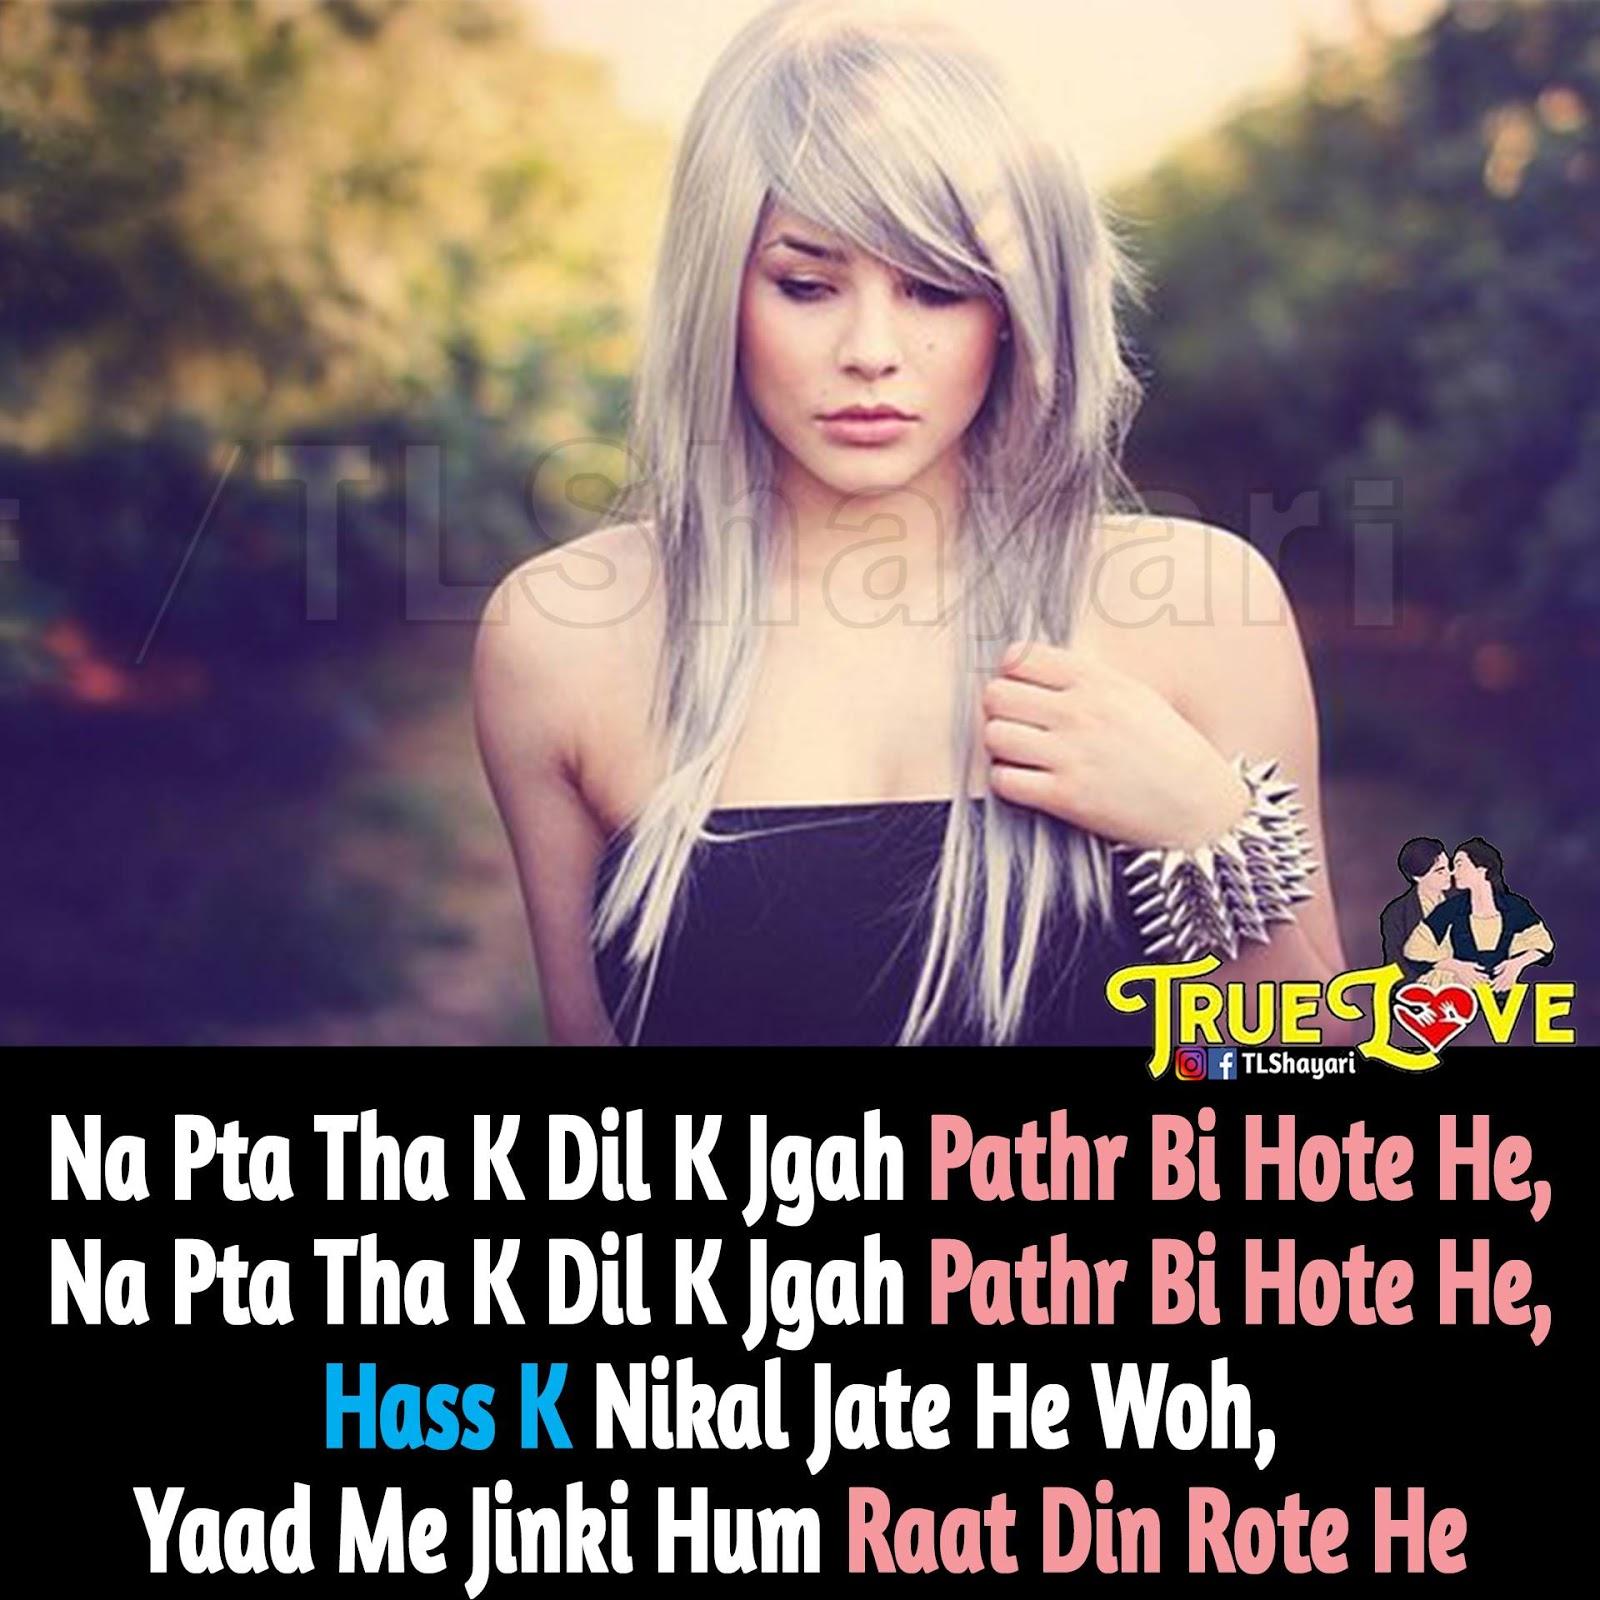 23 - Bewafa Shayari : Na Pta Tha K Dil K Jgah Pathr Bi Hote He..